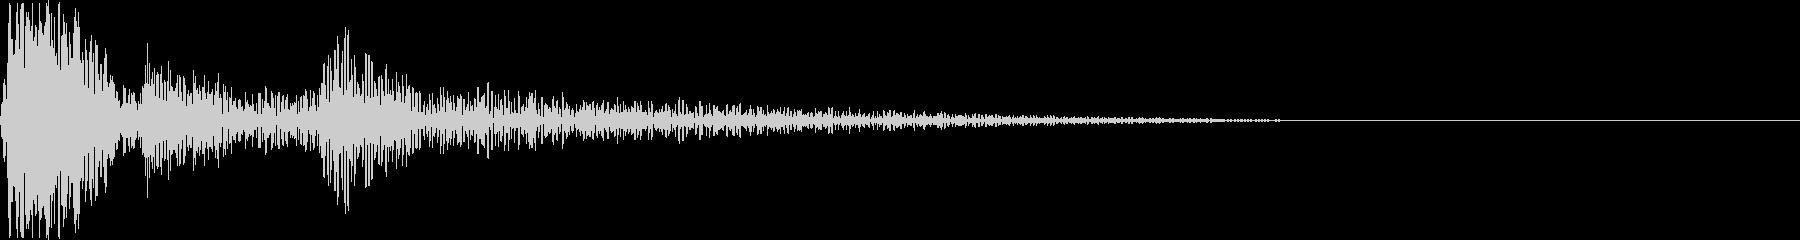 キャンセル_タップ_クリック_20807の未再生の波形